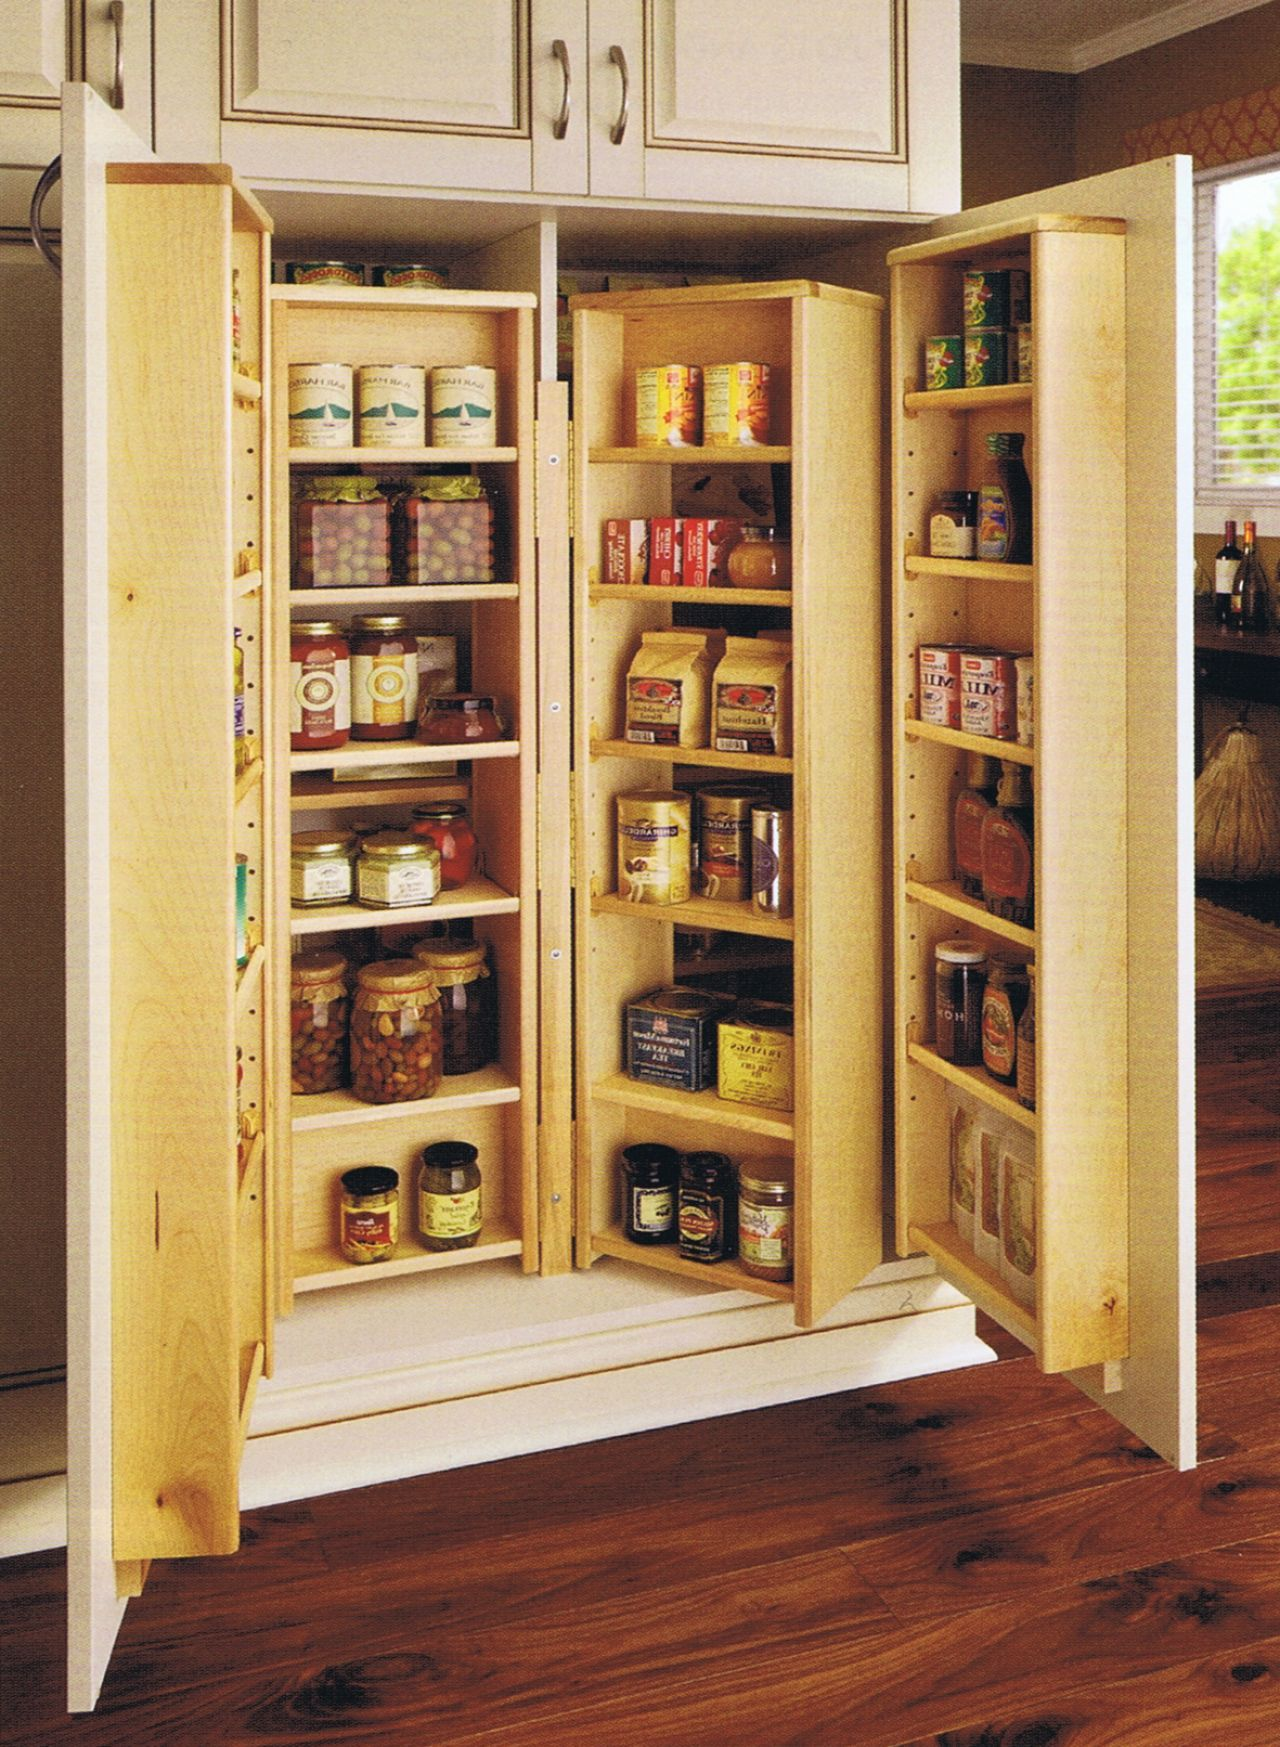 Einfache Speisekammer Schrank Für Die Lagerung Ideen